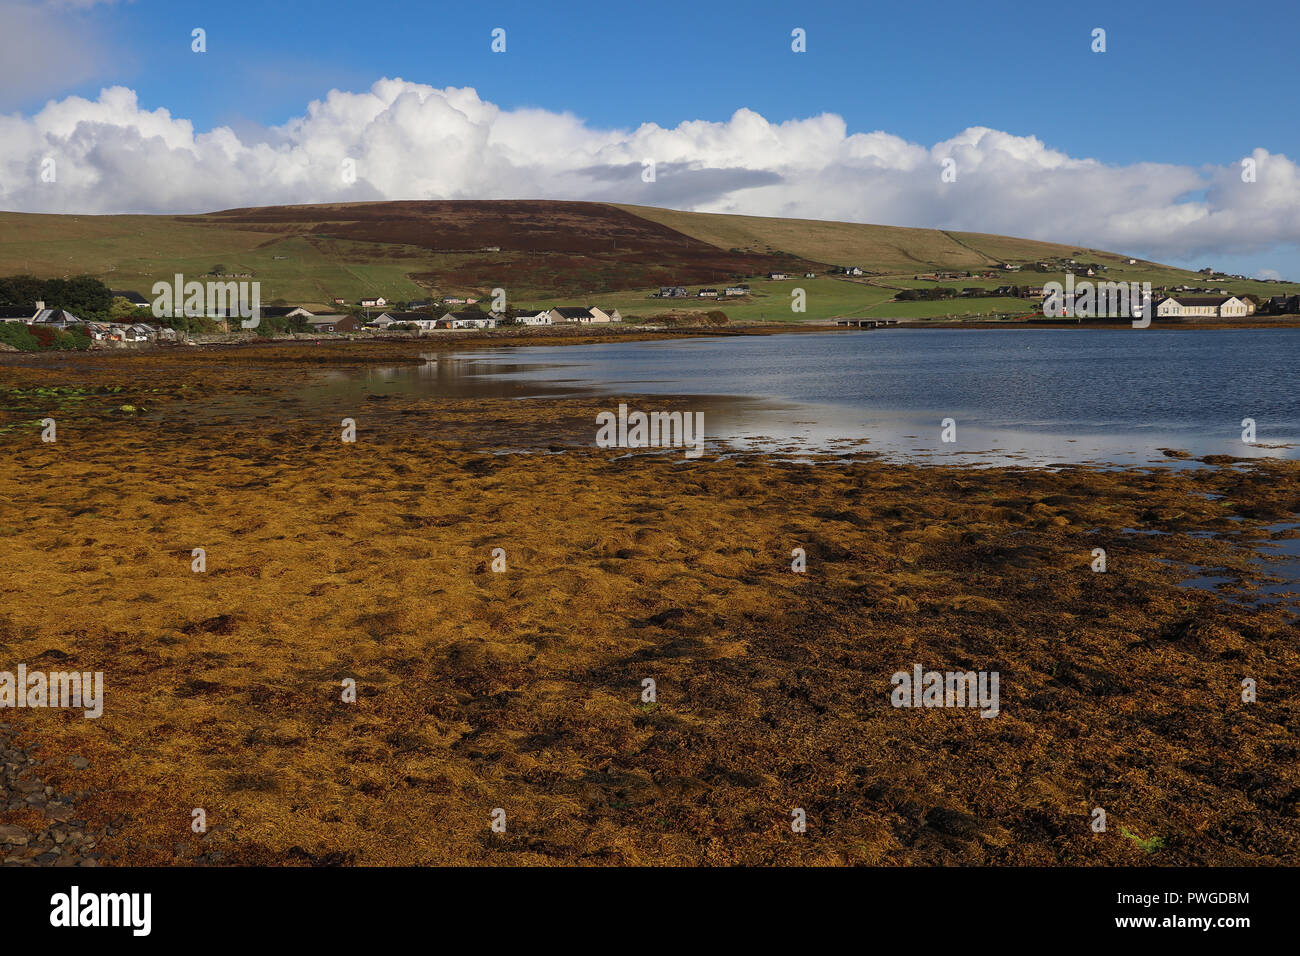 Colorido playa rocosa cerca Finstown, Orkney, Escocia cubiertos de algas marinas marrones en la marea baja: el mar refleja el cielo azul con nubes blancas. Verdes colinas afar. Foto de stock